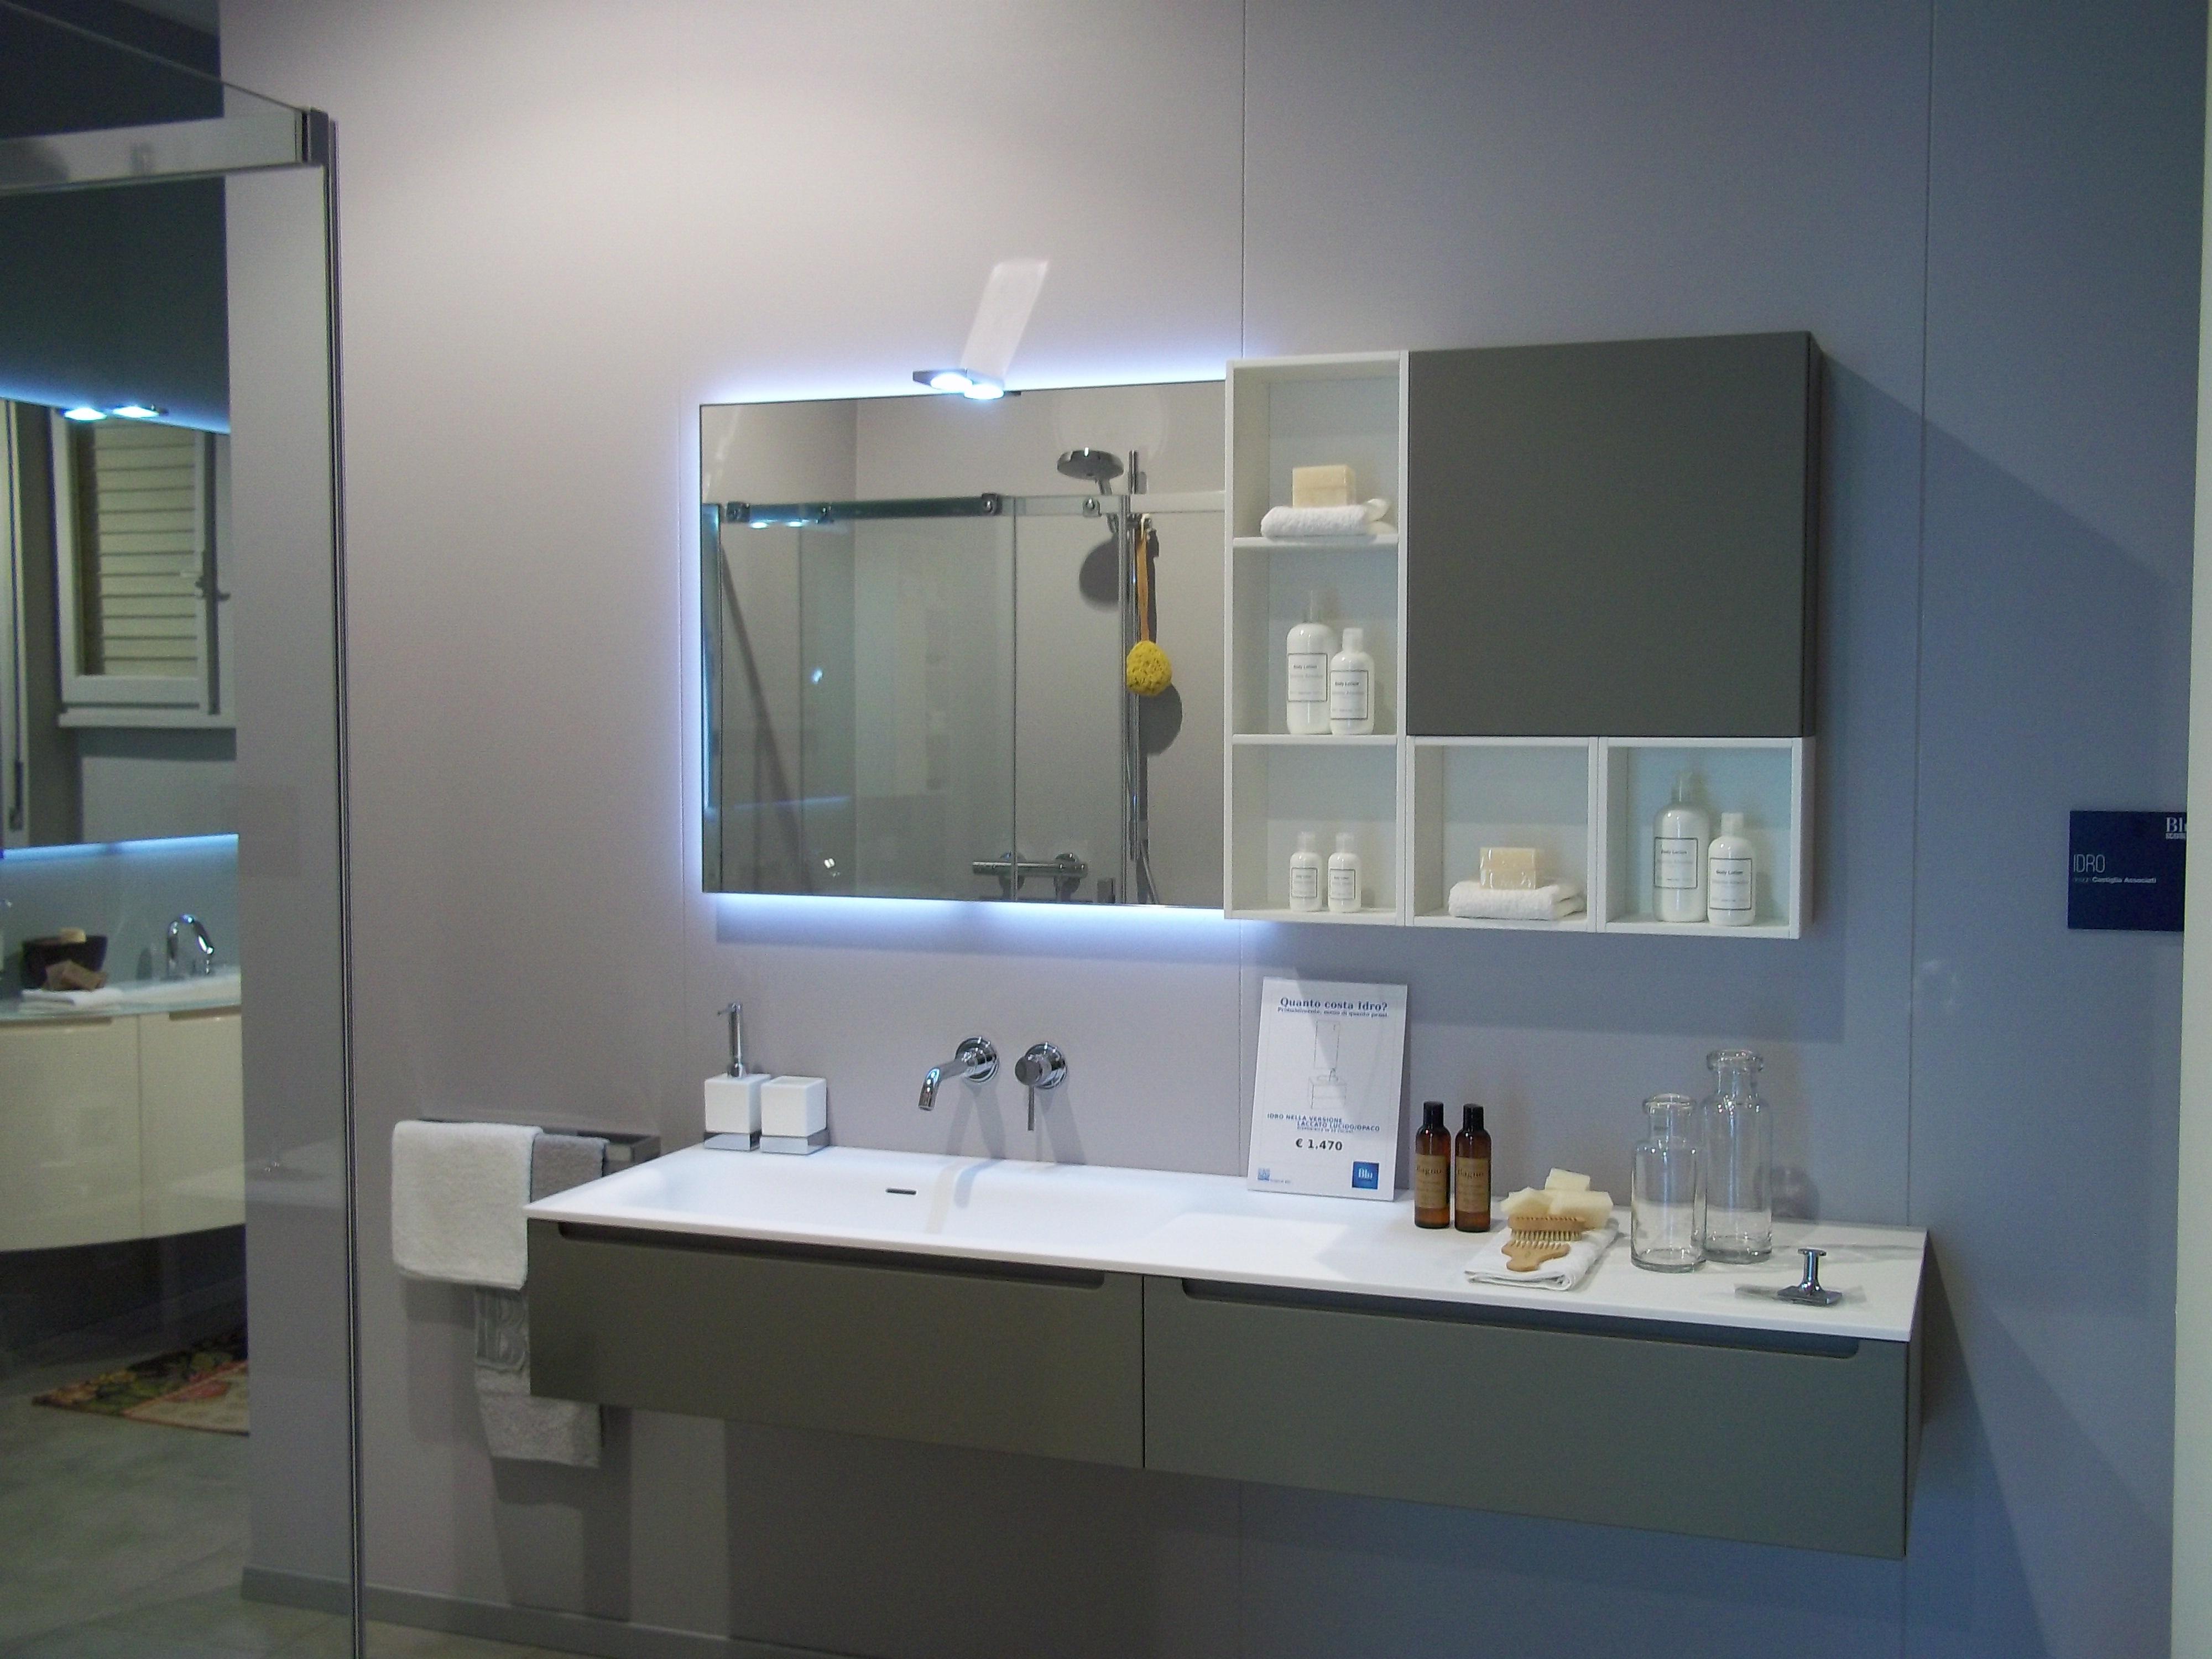 Mobile Bagno Ikea Immagini rivo blu scavolini. soluzioni razionali e dettagli ricercati